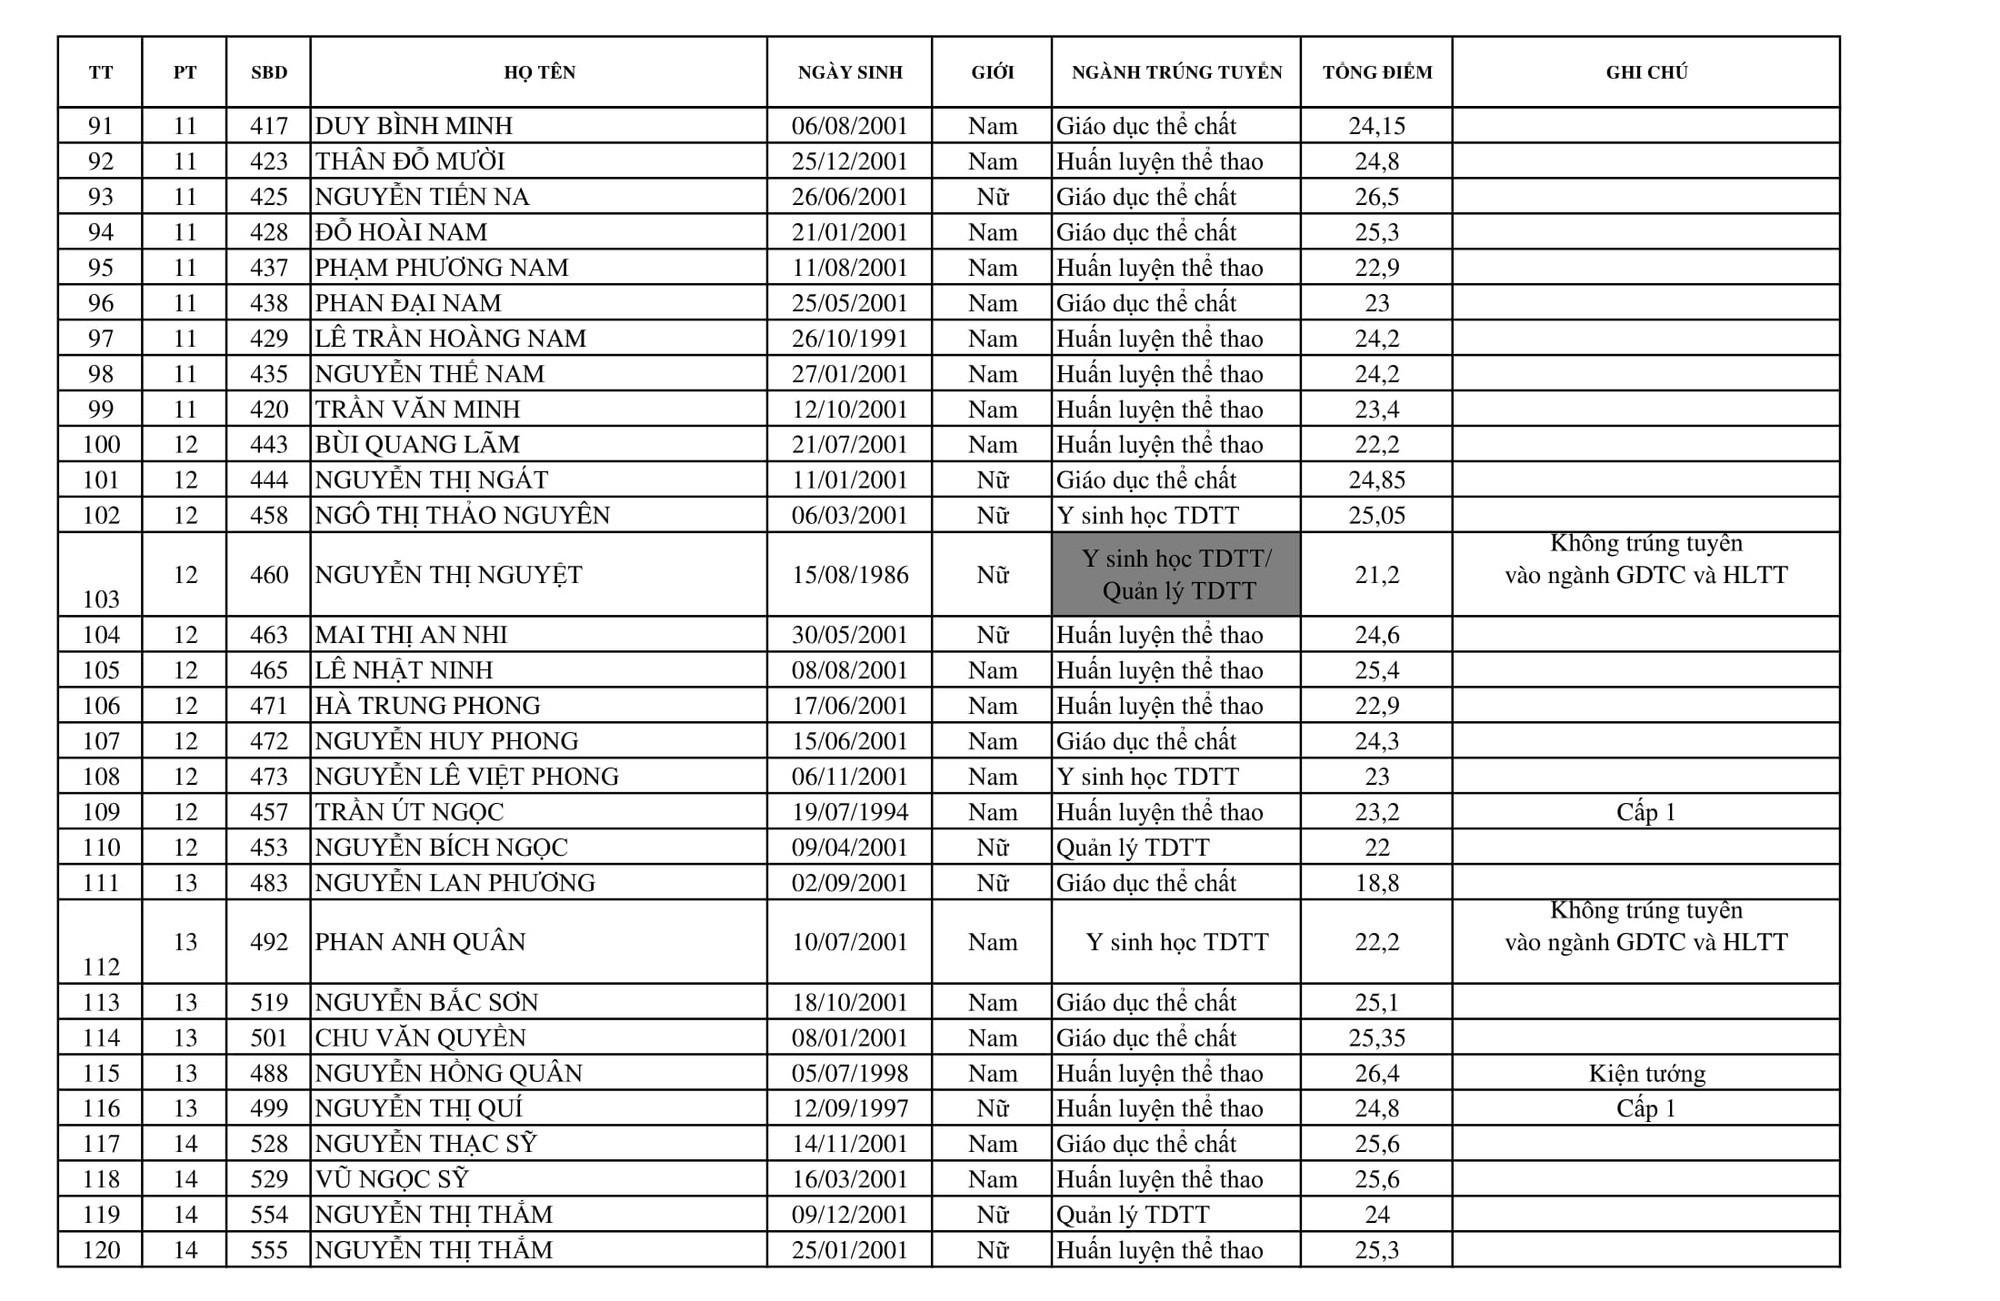 Trường Đại học Thể dục Thể thao Bắc Ninh công bố điểm chuẩn và danh sách trúng tuyển 2019 - Ảnh 4.